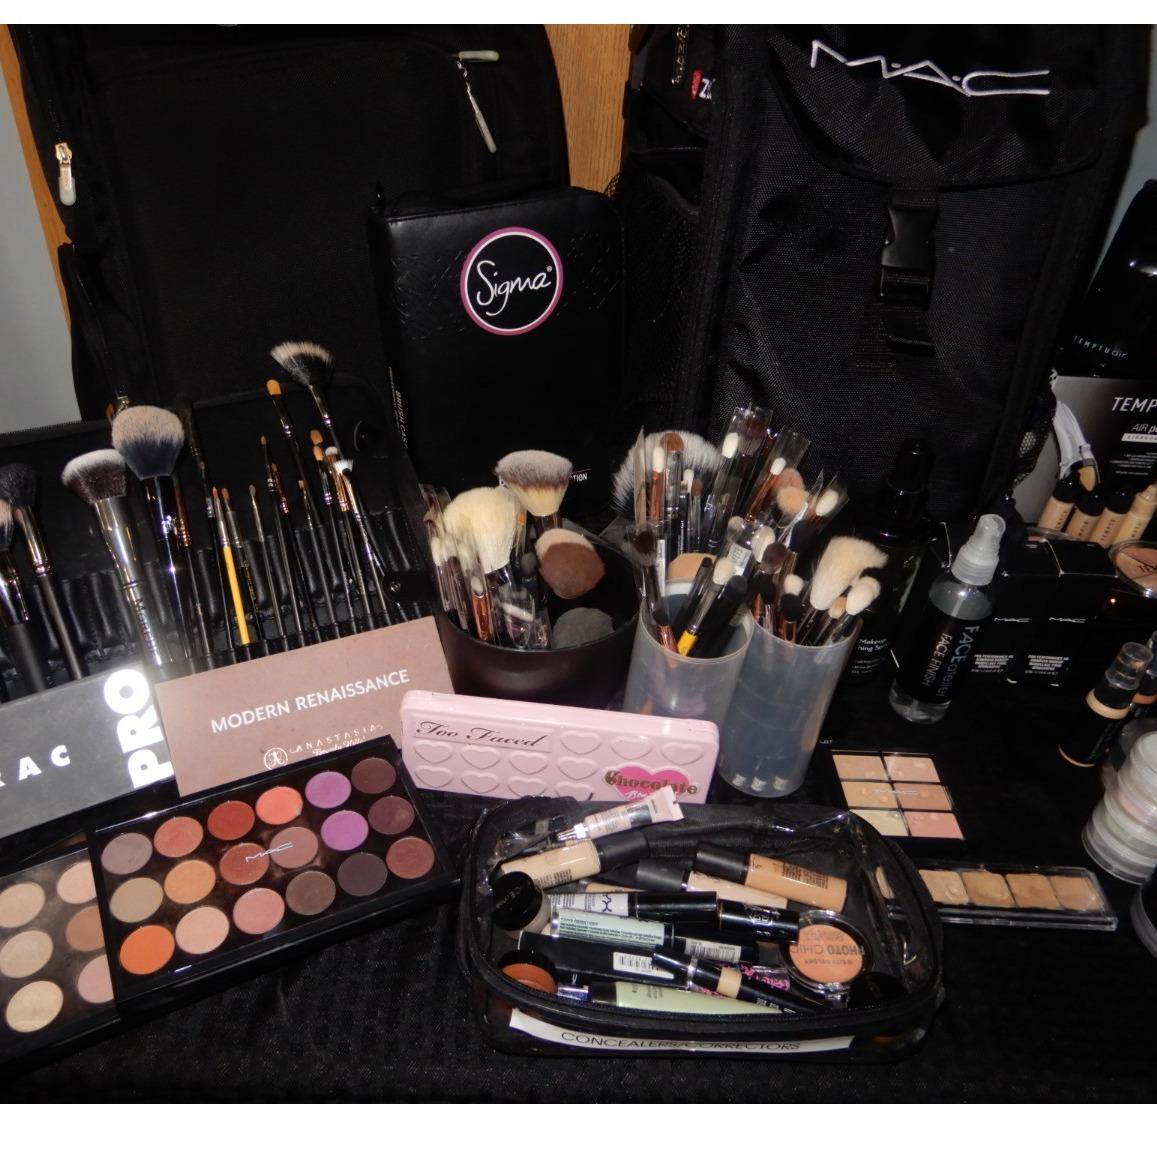 service_Event_Makeup1.jpg